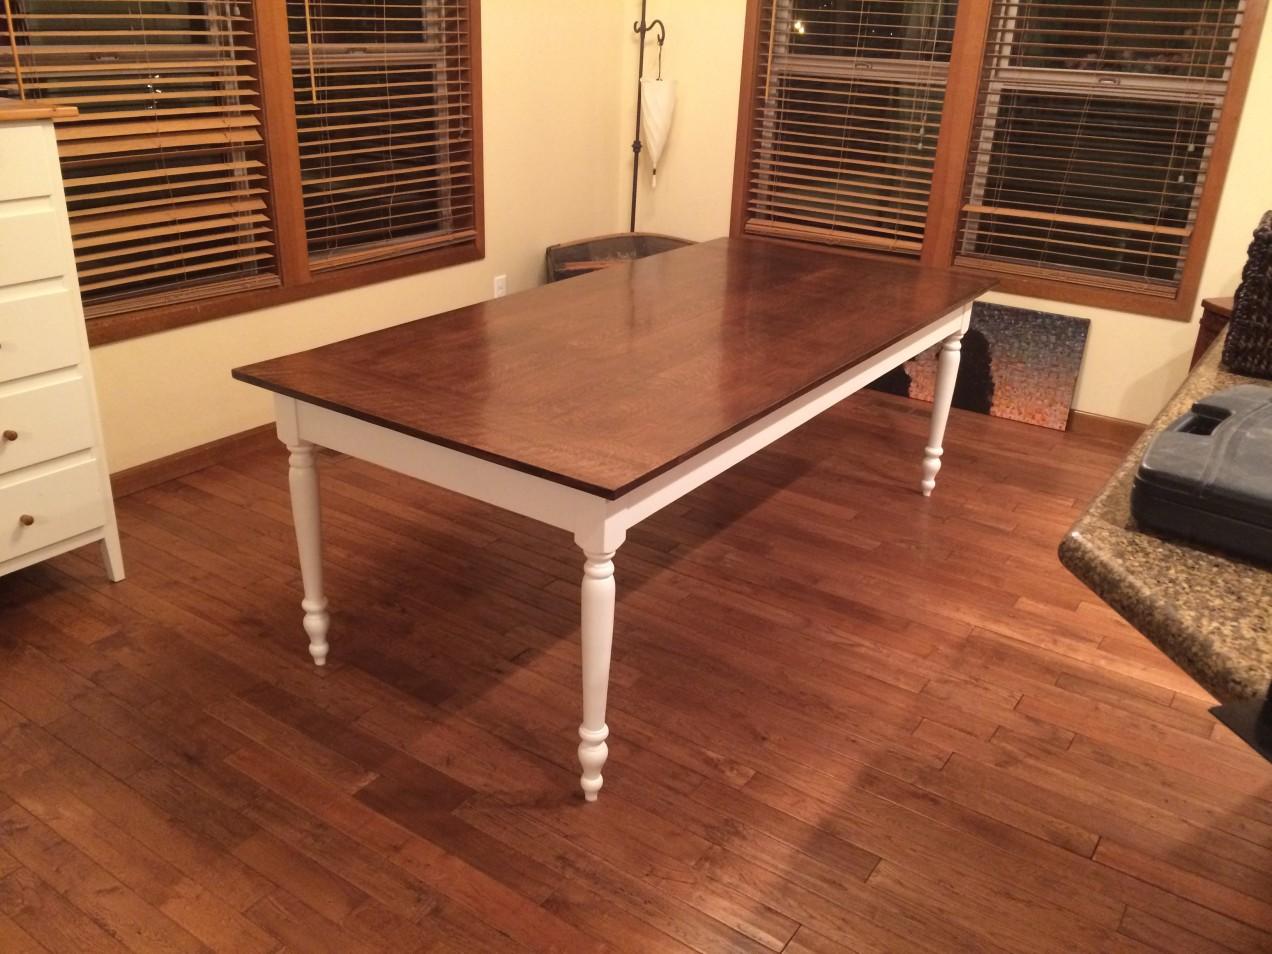 bd7fe2f3df1 I Built a Table